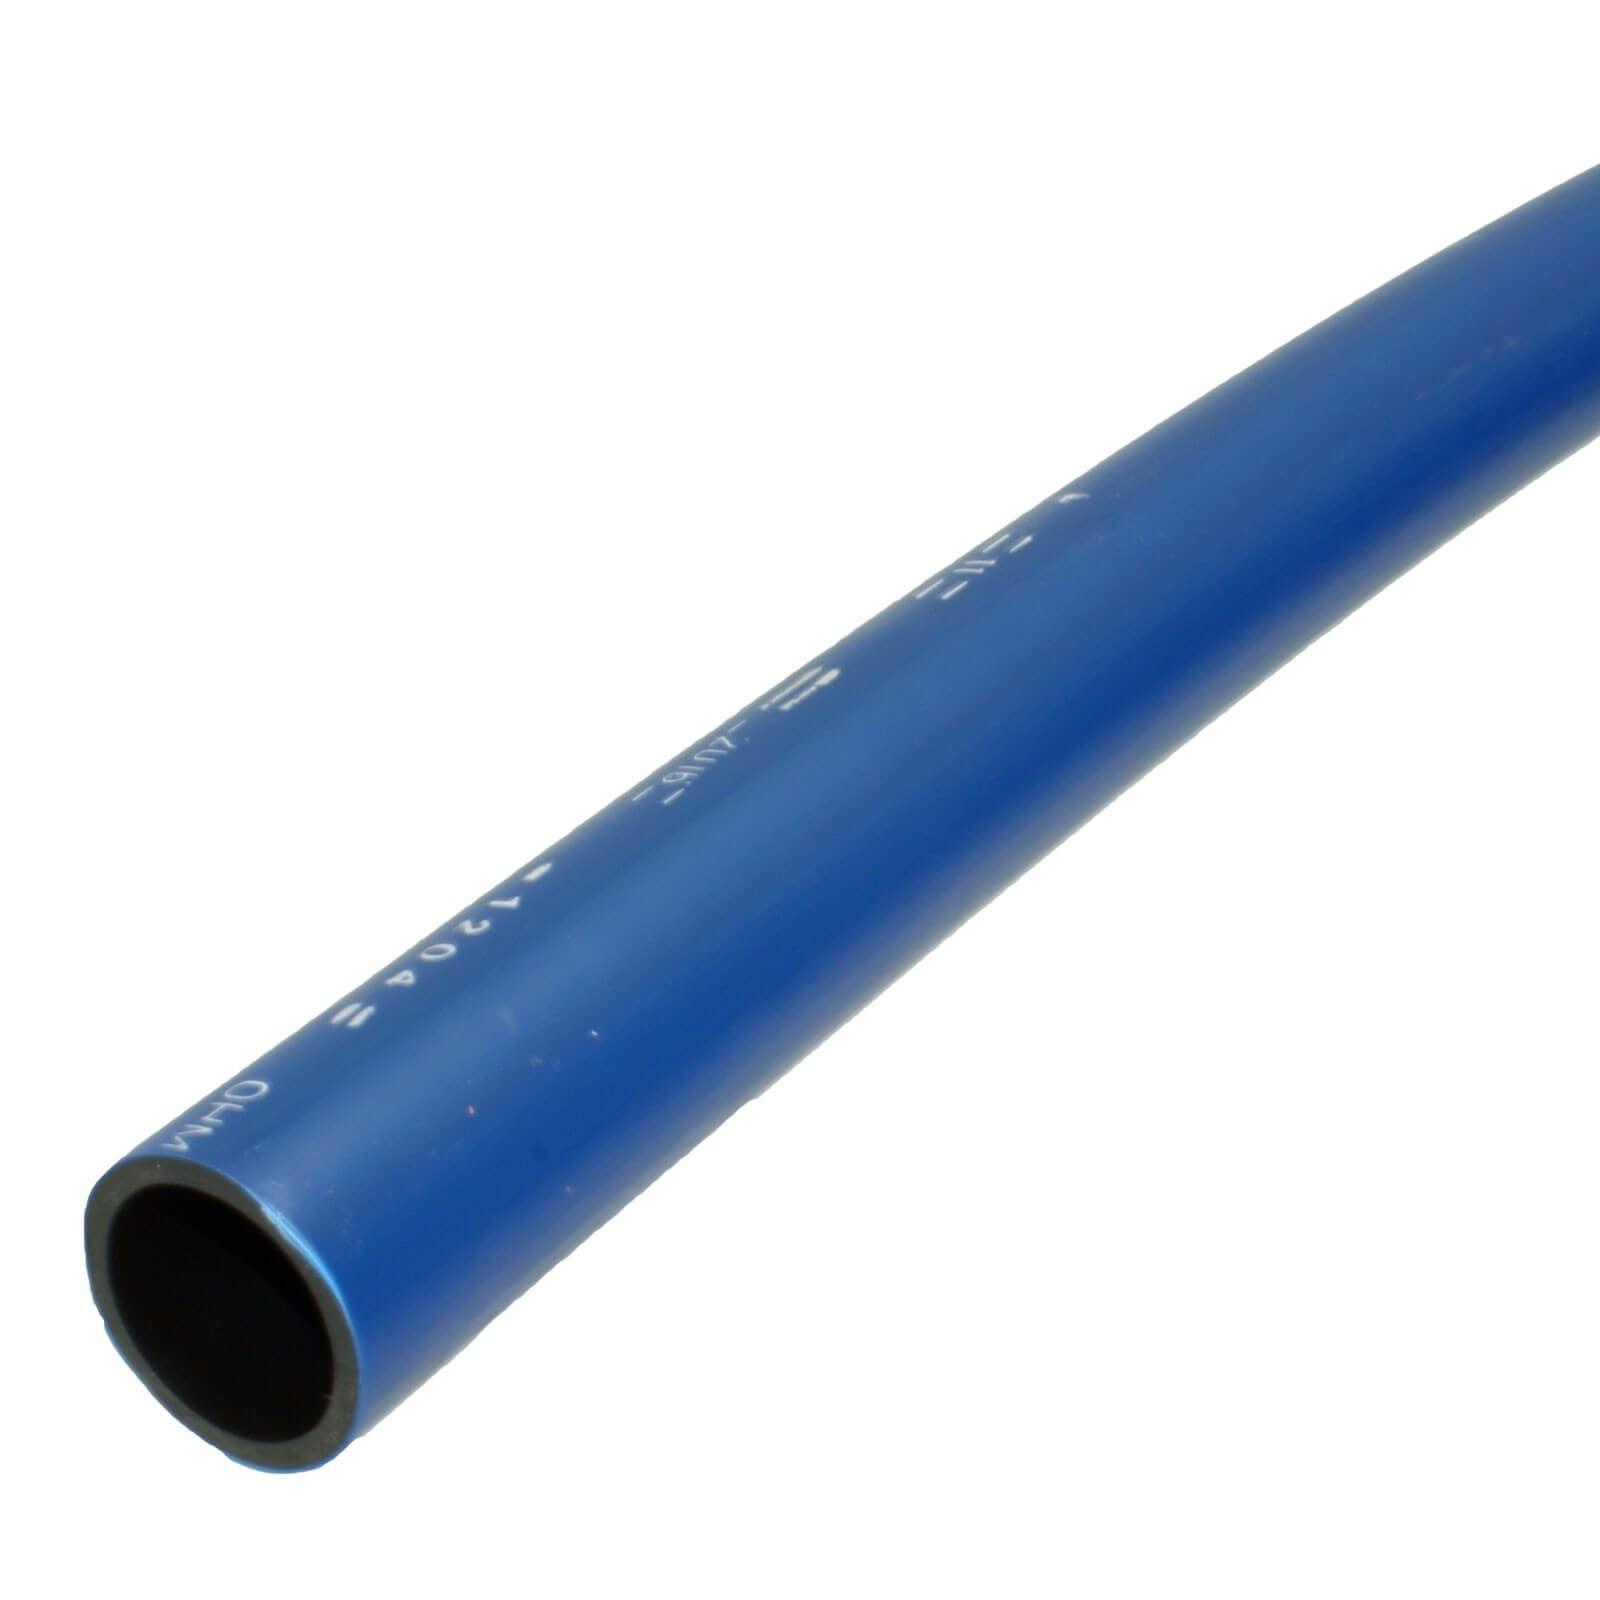 Pe Rc Rohr Pe100 Pn16 50m 1 2 Zoll 20mm Trinkwasser Blau In 2020 Trinkwasser Rohre Wasserversorgung